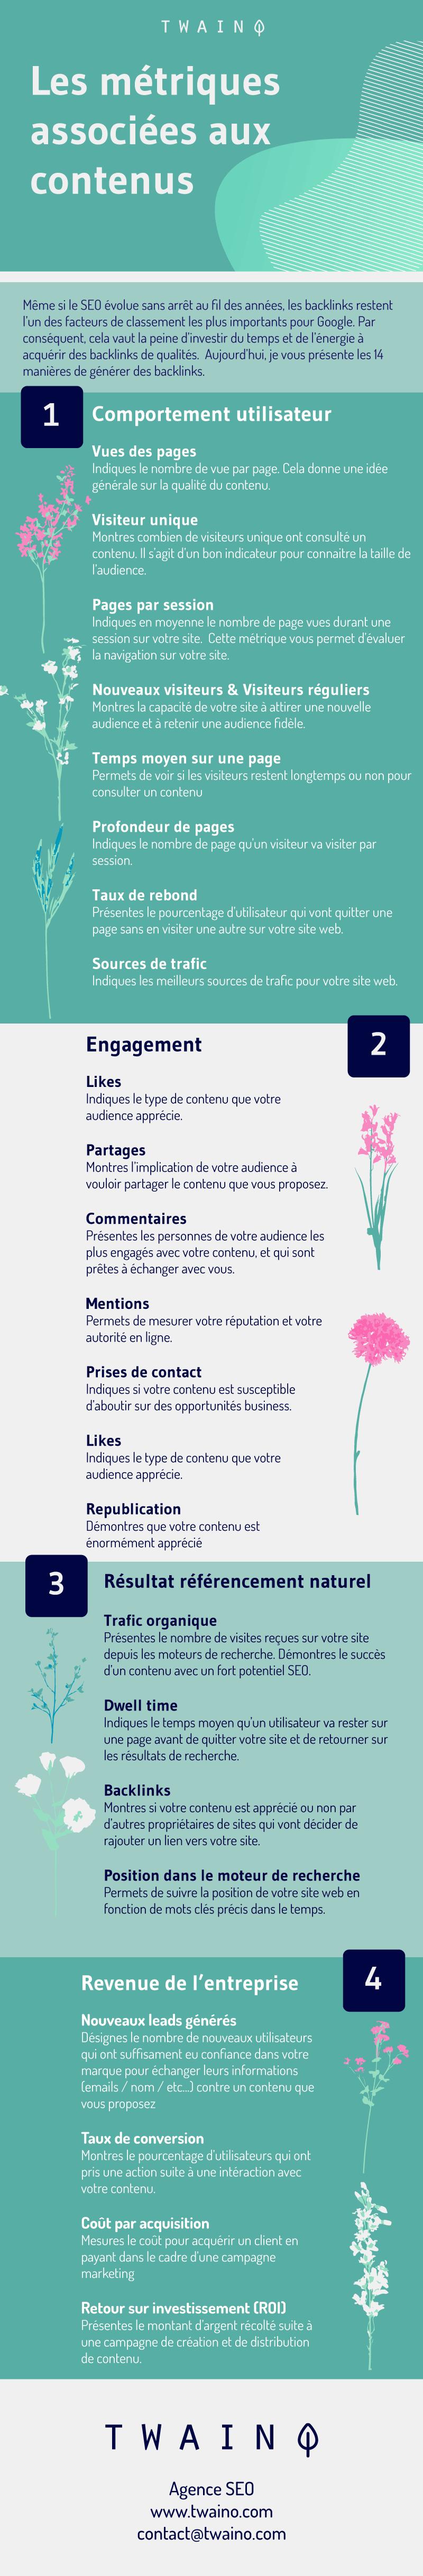 Les métriques associées aux contenus